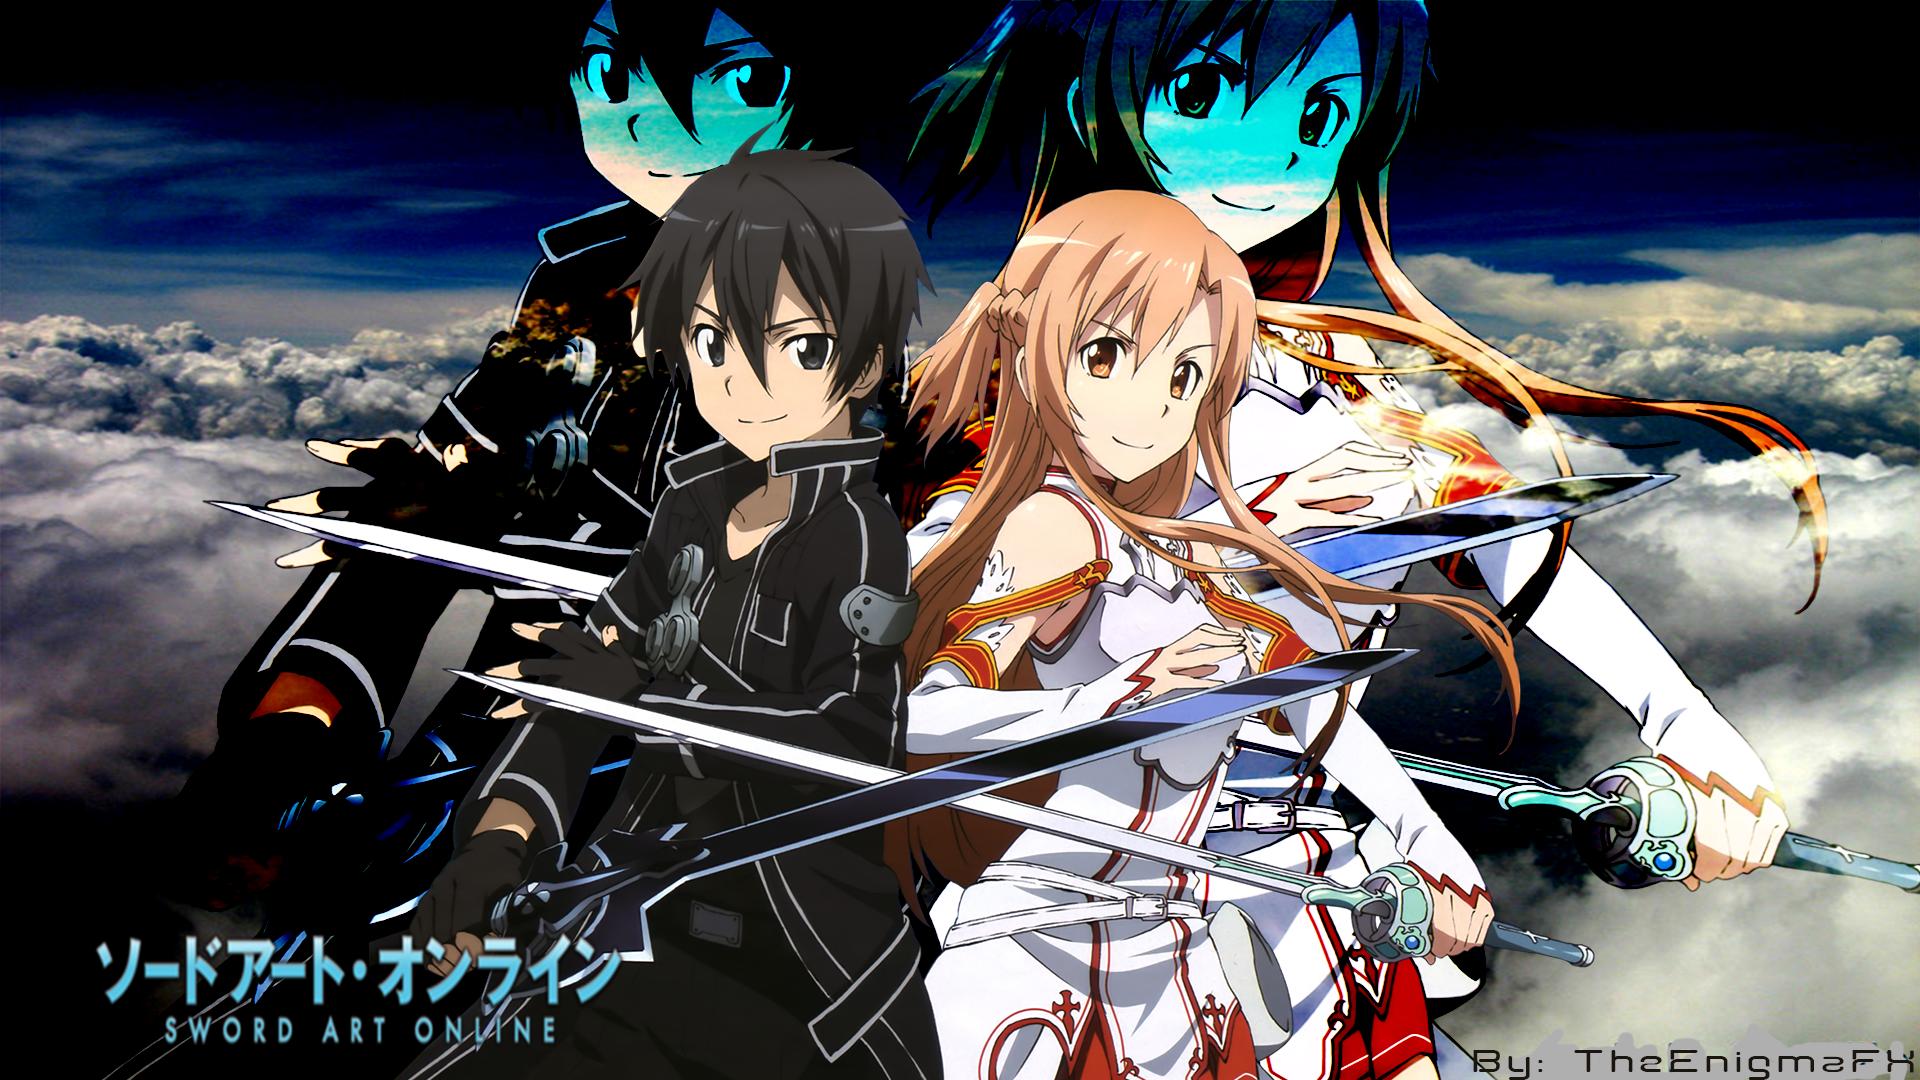 Sword Art Online Desktop Background By TheEnigmaFX by TheEnigmaFX on 1920x1080